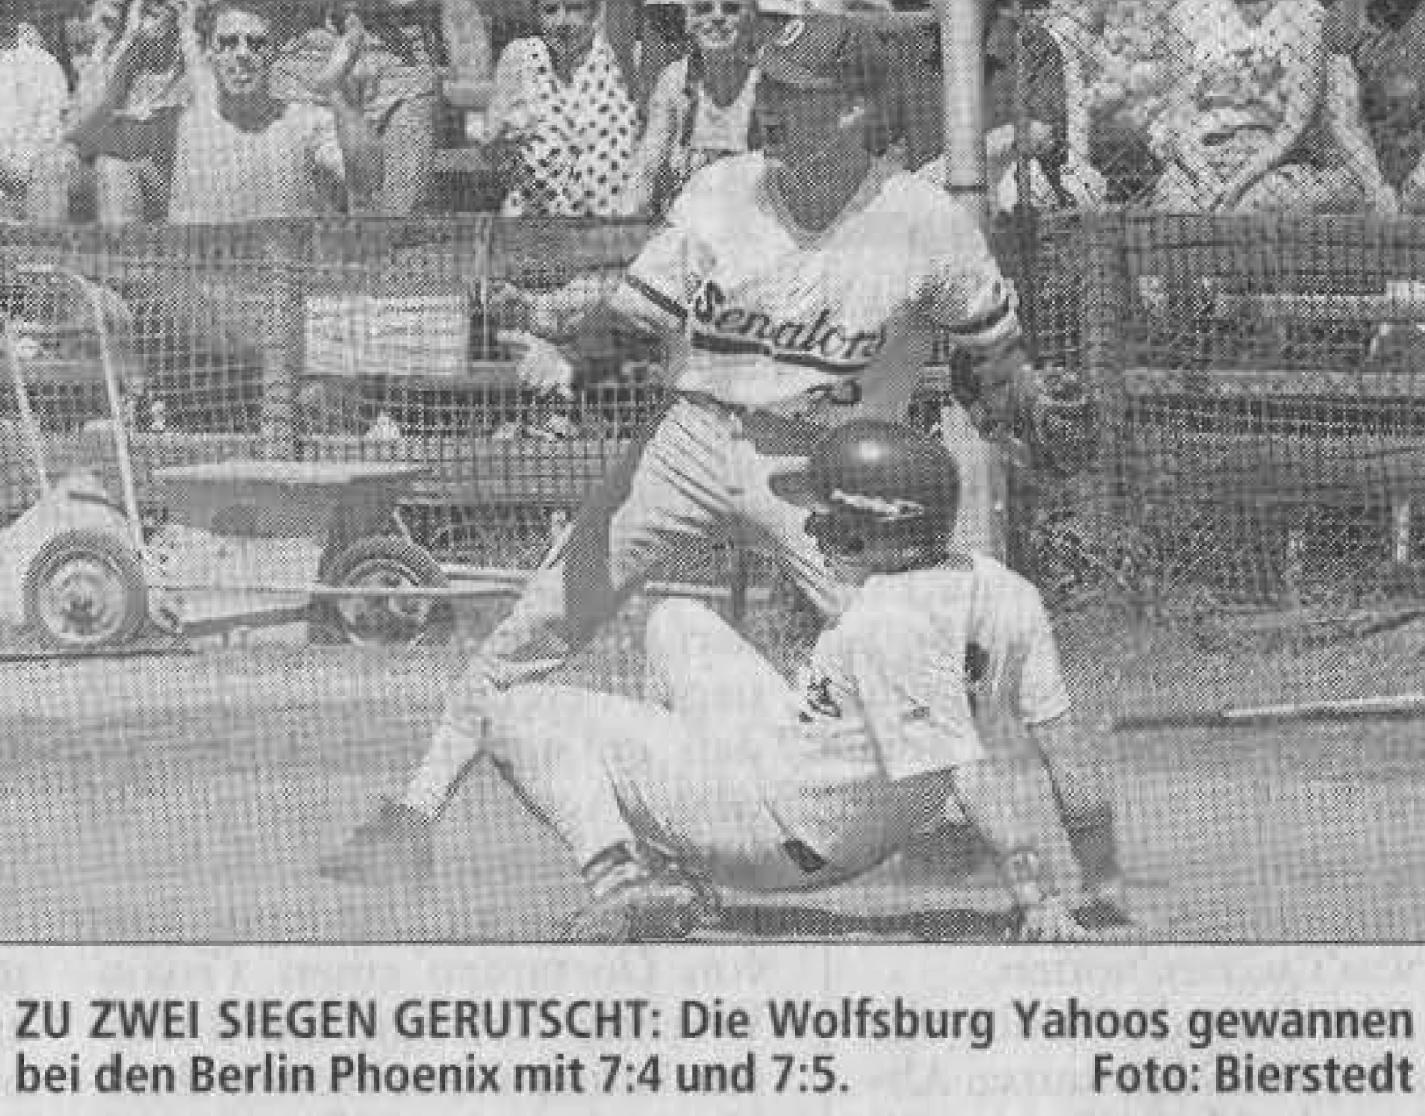 ZU ZWEI SIEGEN GERUTSCHT: Die Wolfsburg Yahoos gewannen bei den Berlin Phoenix mit 7:4 und 7:5. Foto: Bierstedt